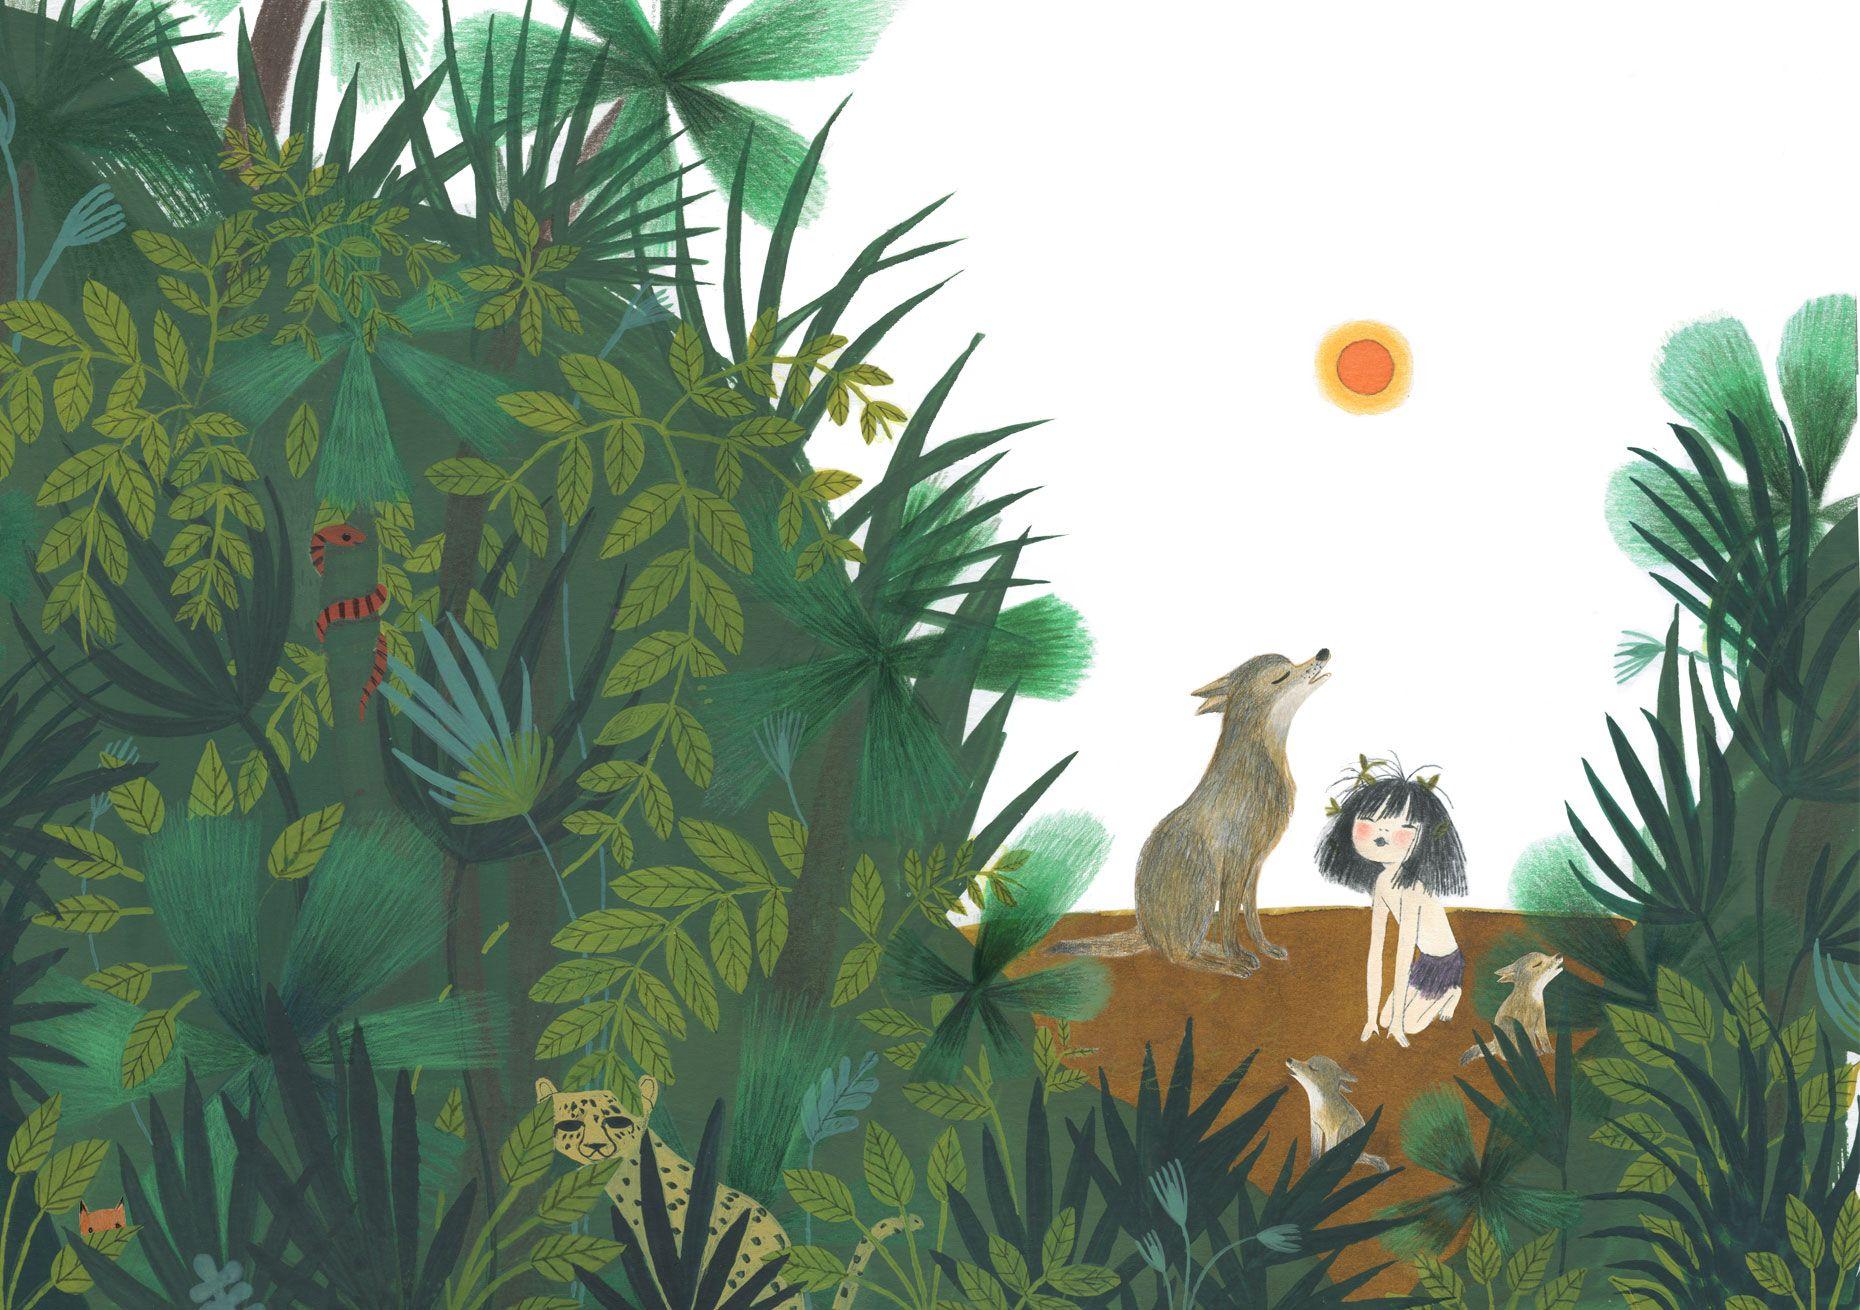 This Is Sadie illustrated by Julie Morstad